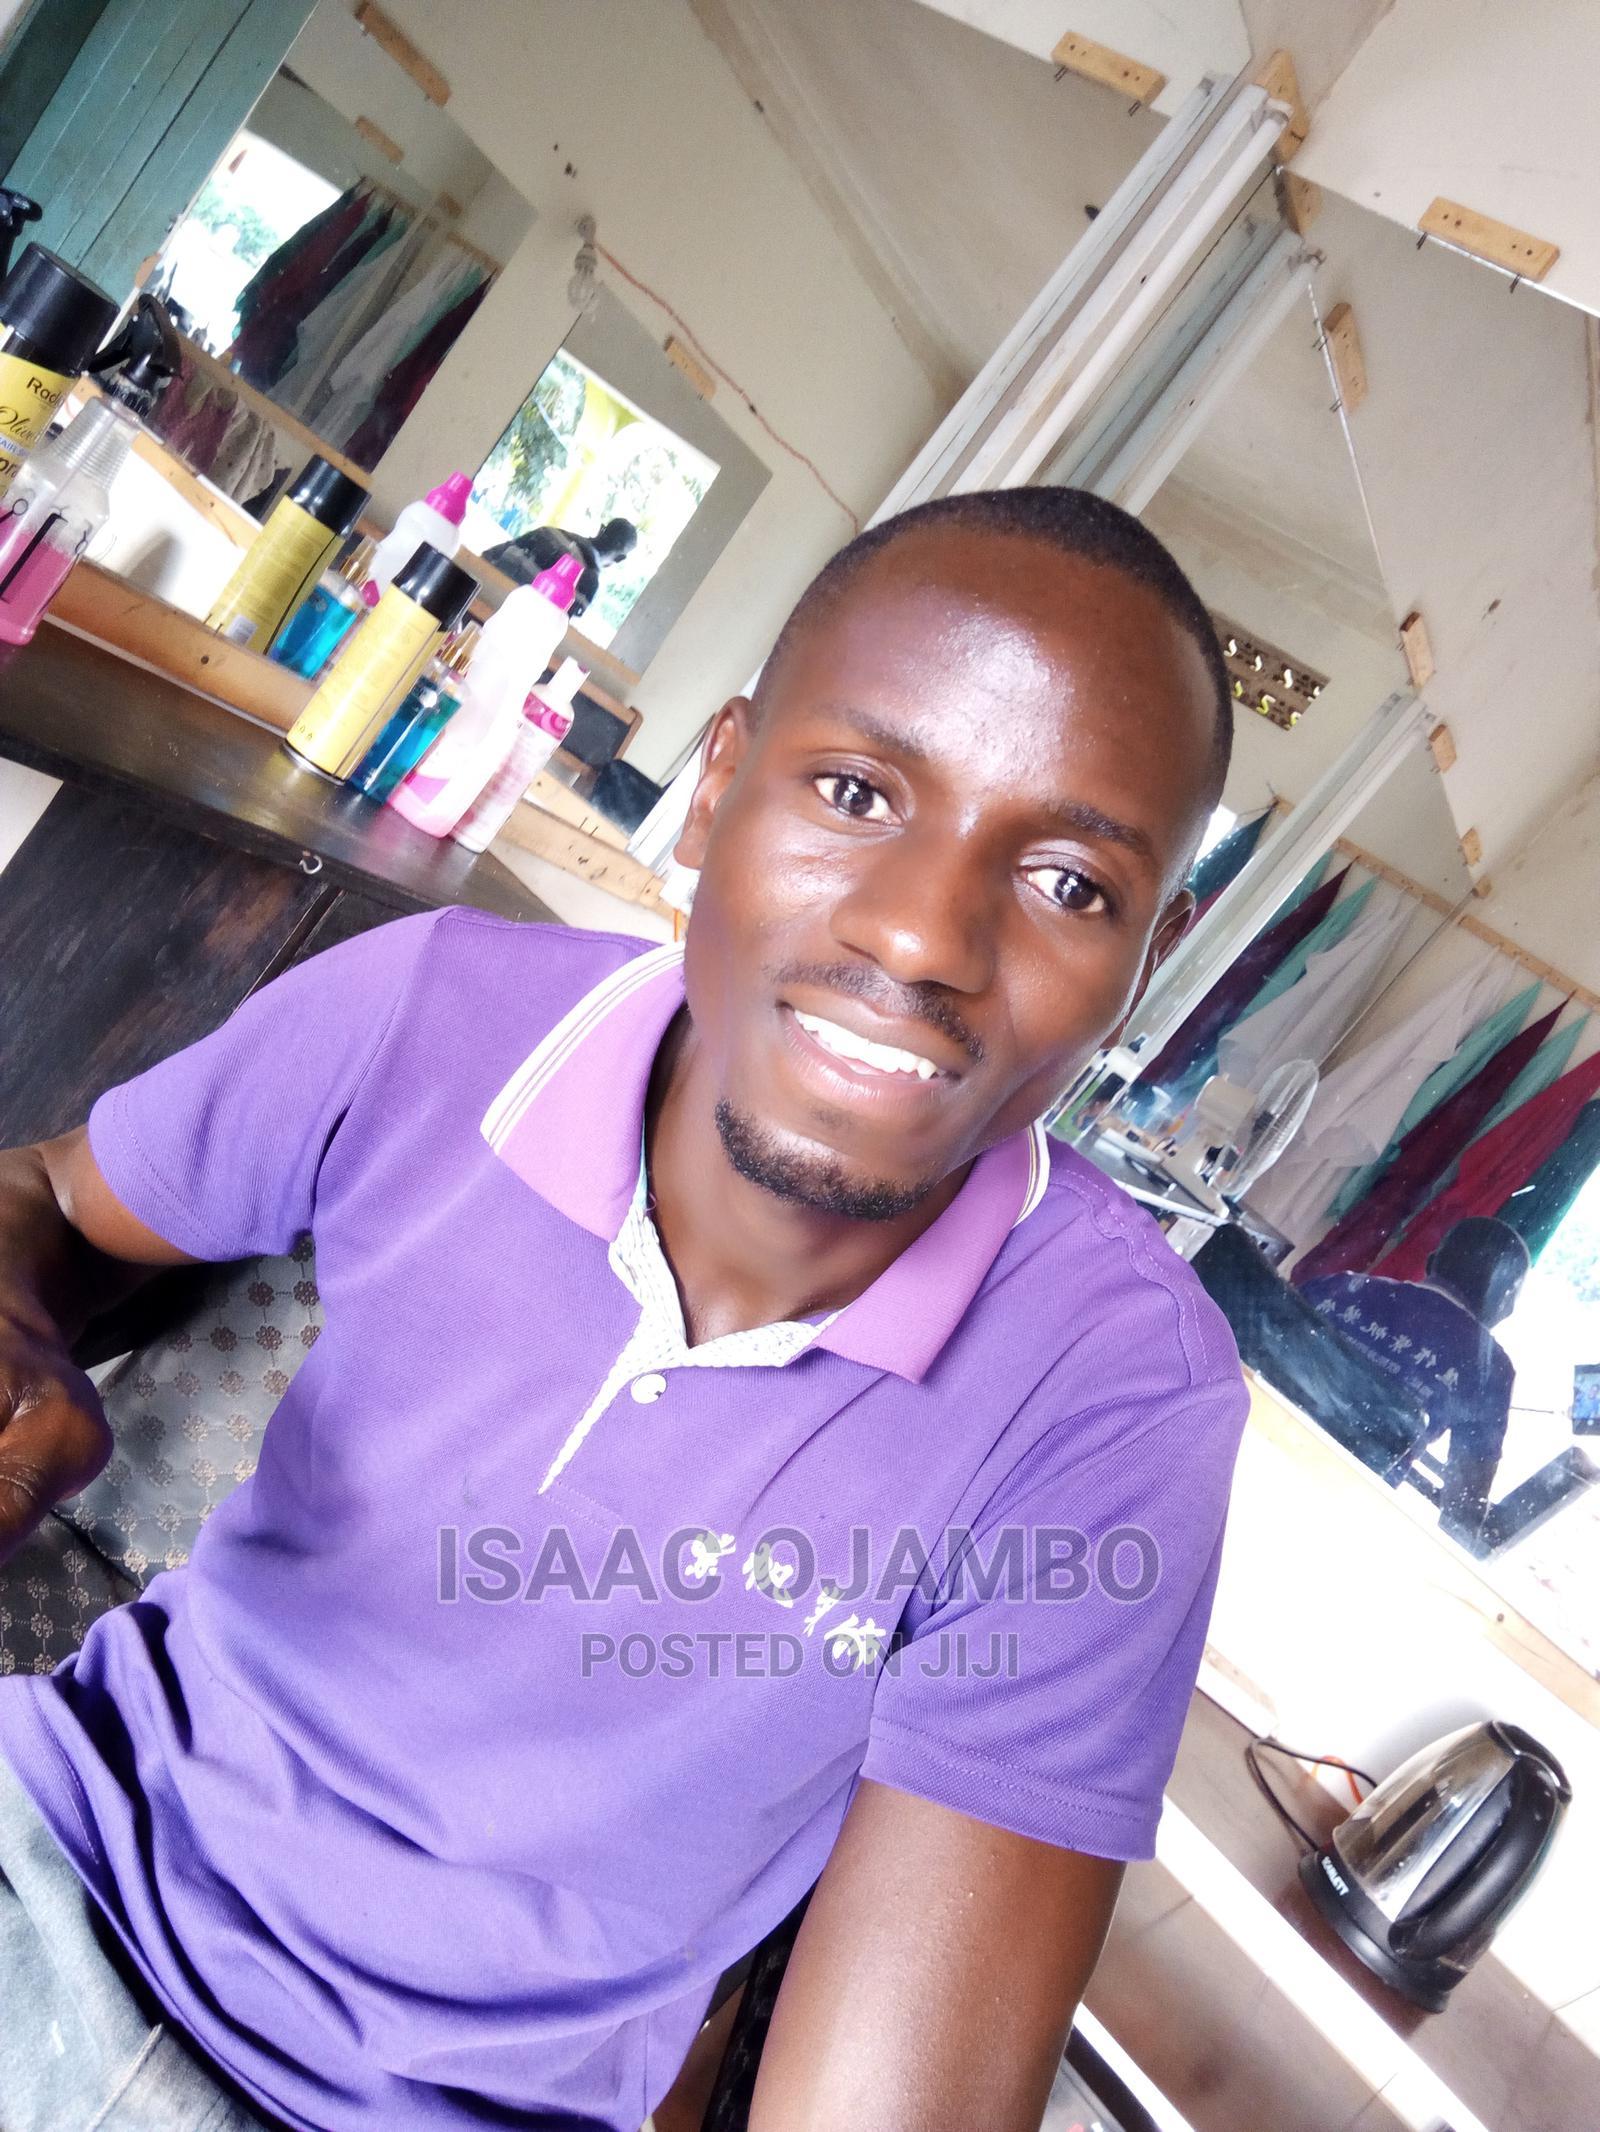 Housekeeping Cleaning CV   Housekeeping & Cleaning CVs for sale in Kariobangi, Nairobi, Kenya